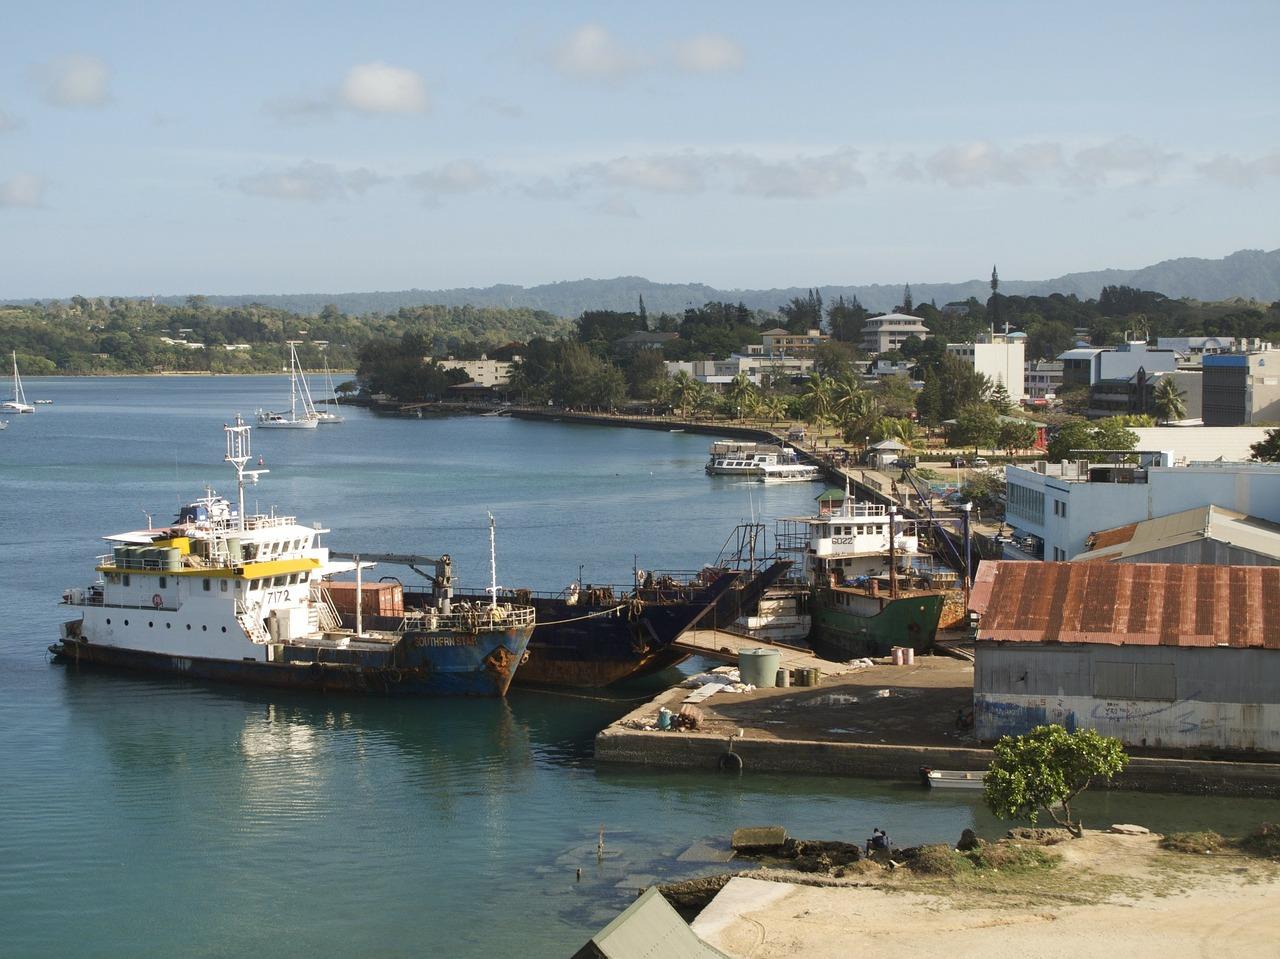 Australie et Vanuatu vont négocier un traité de sécurité